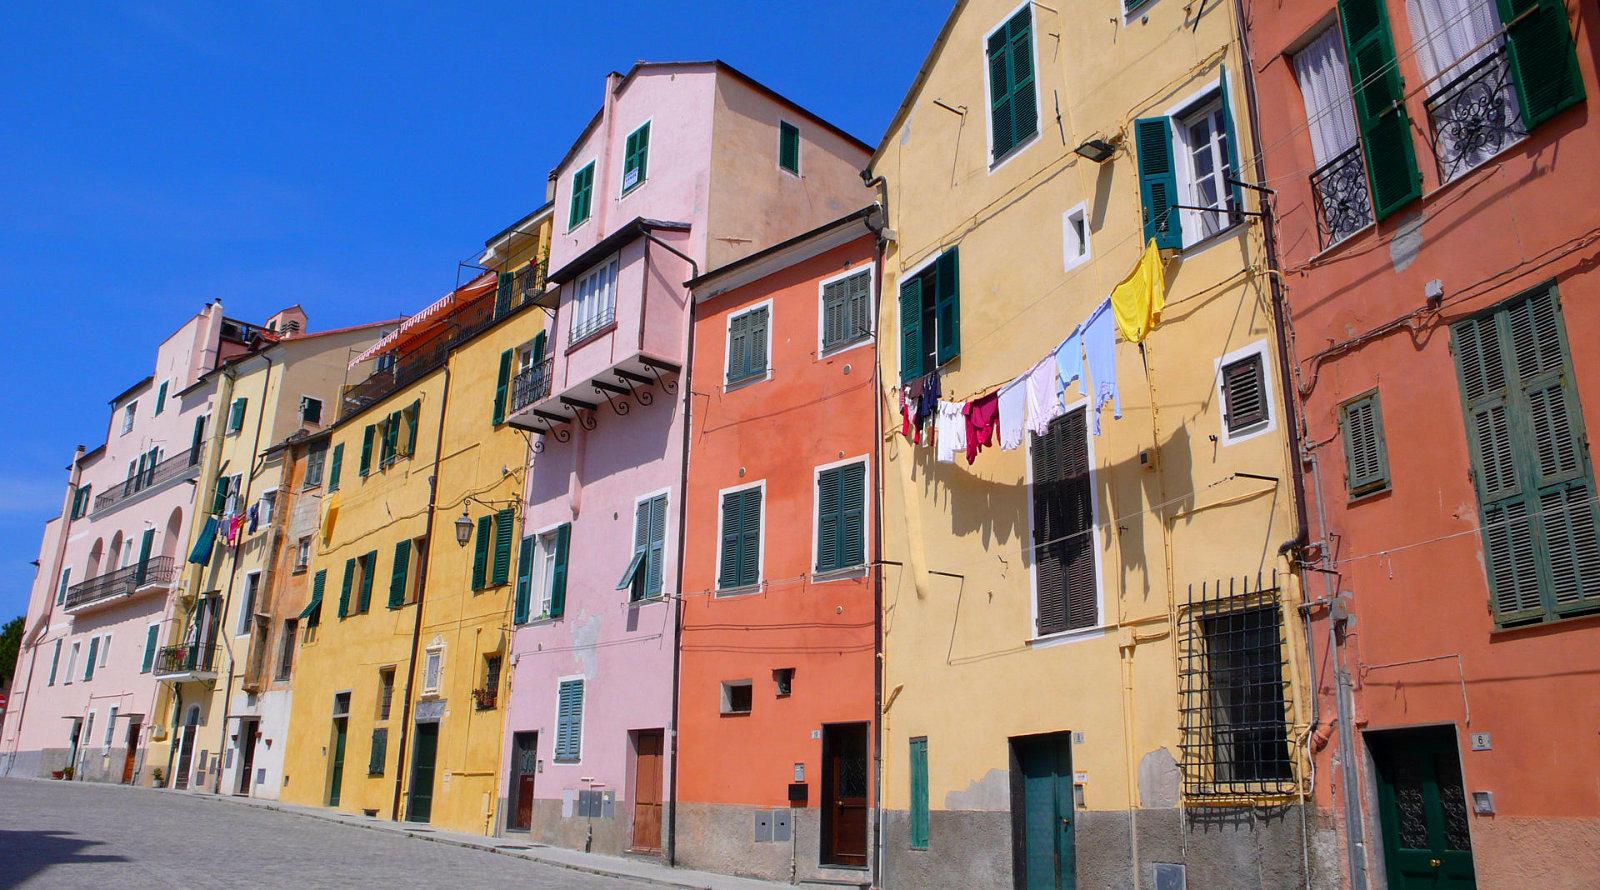 Case colorate al Parasio, Porto Maurizio, Imperia